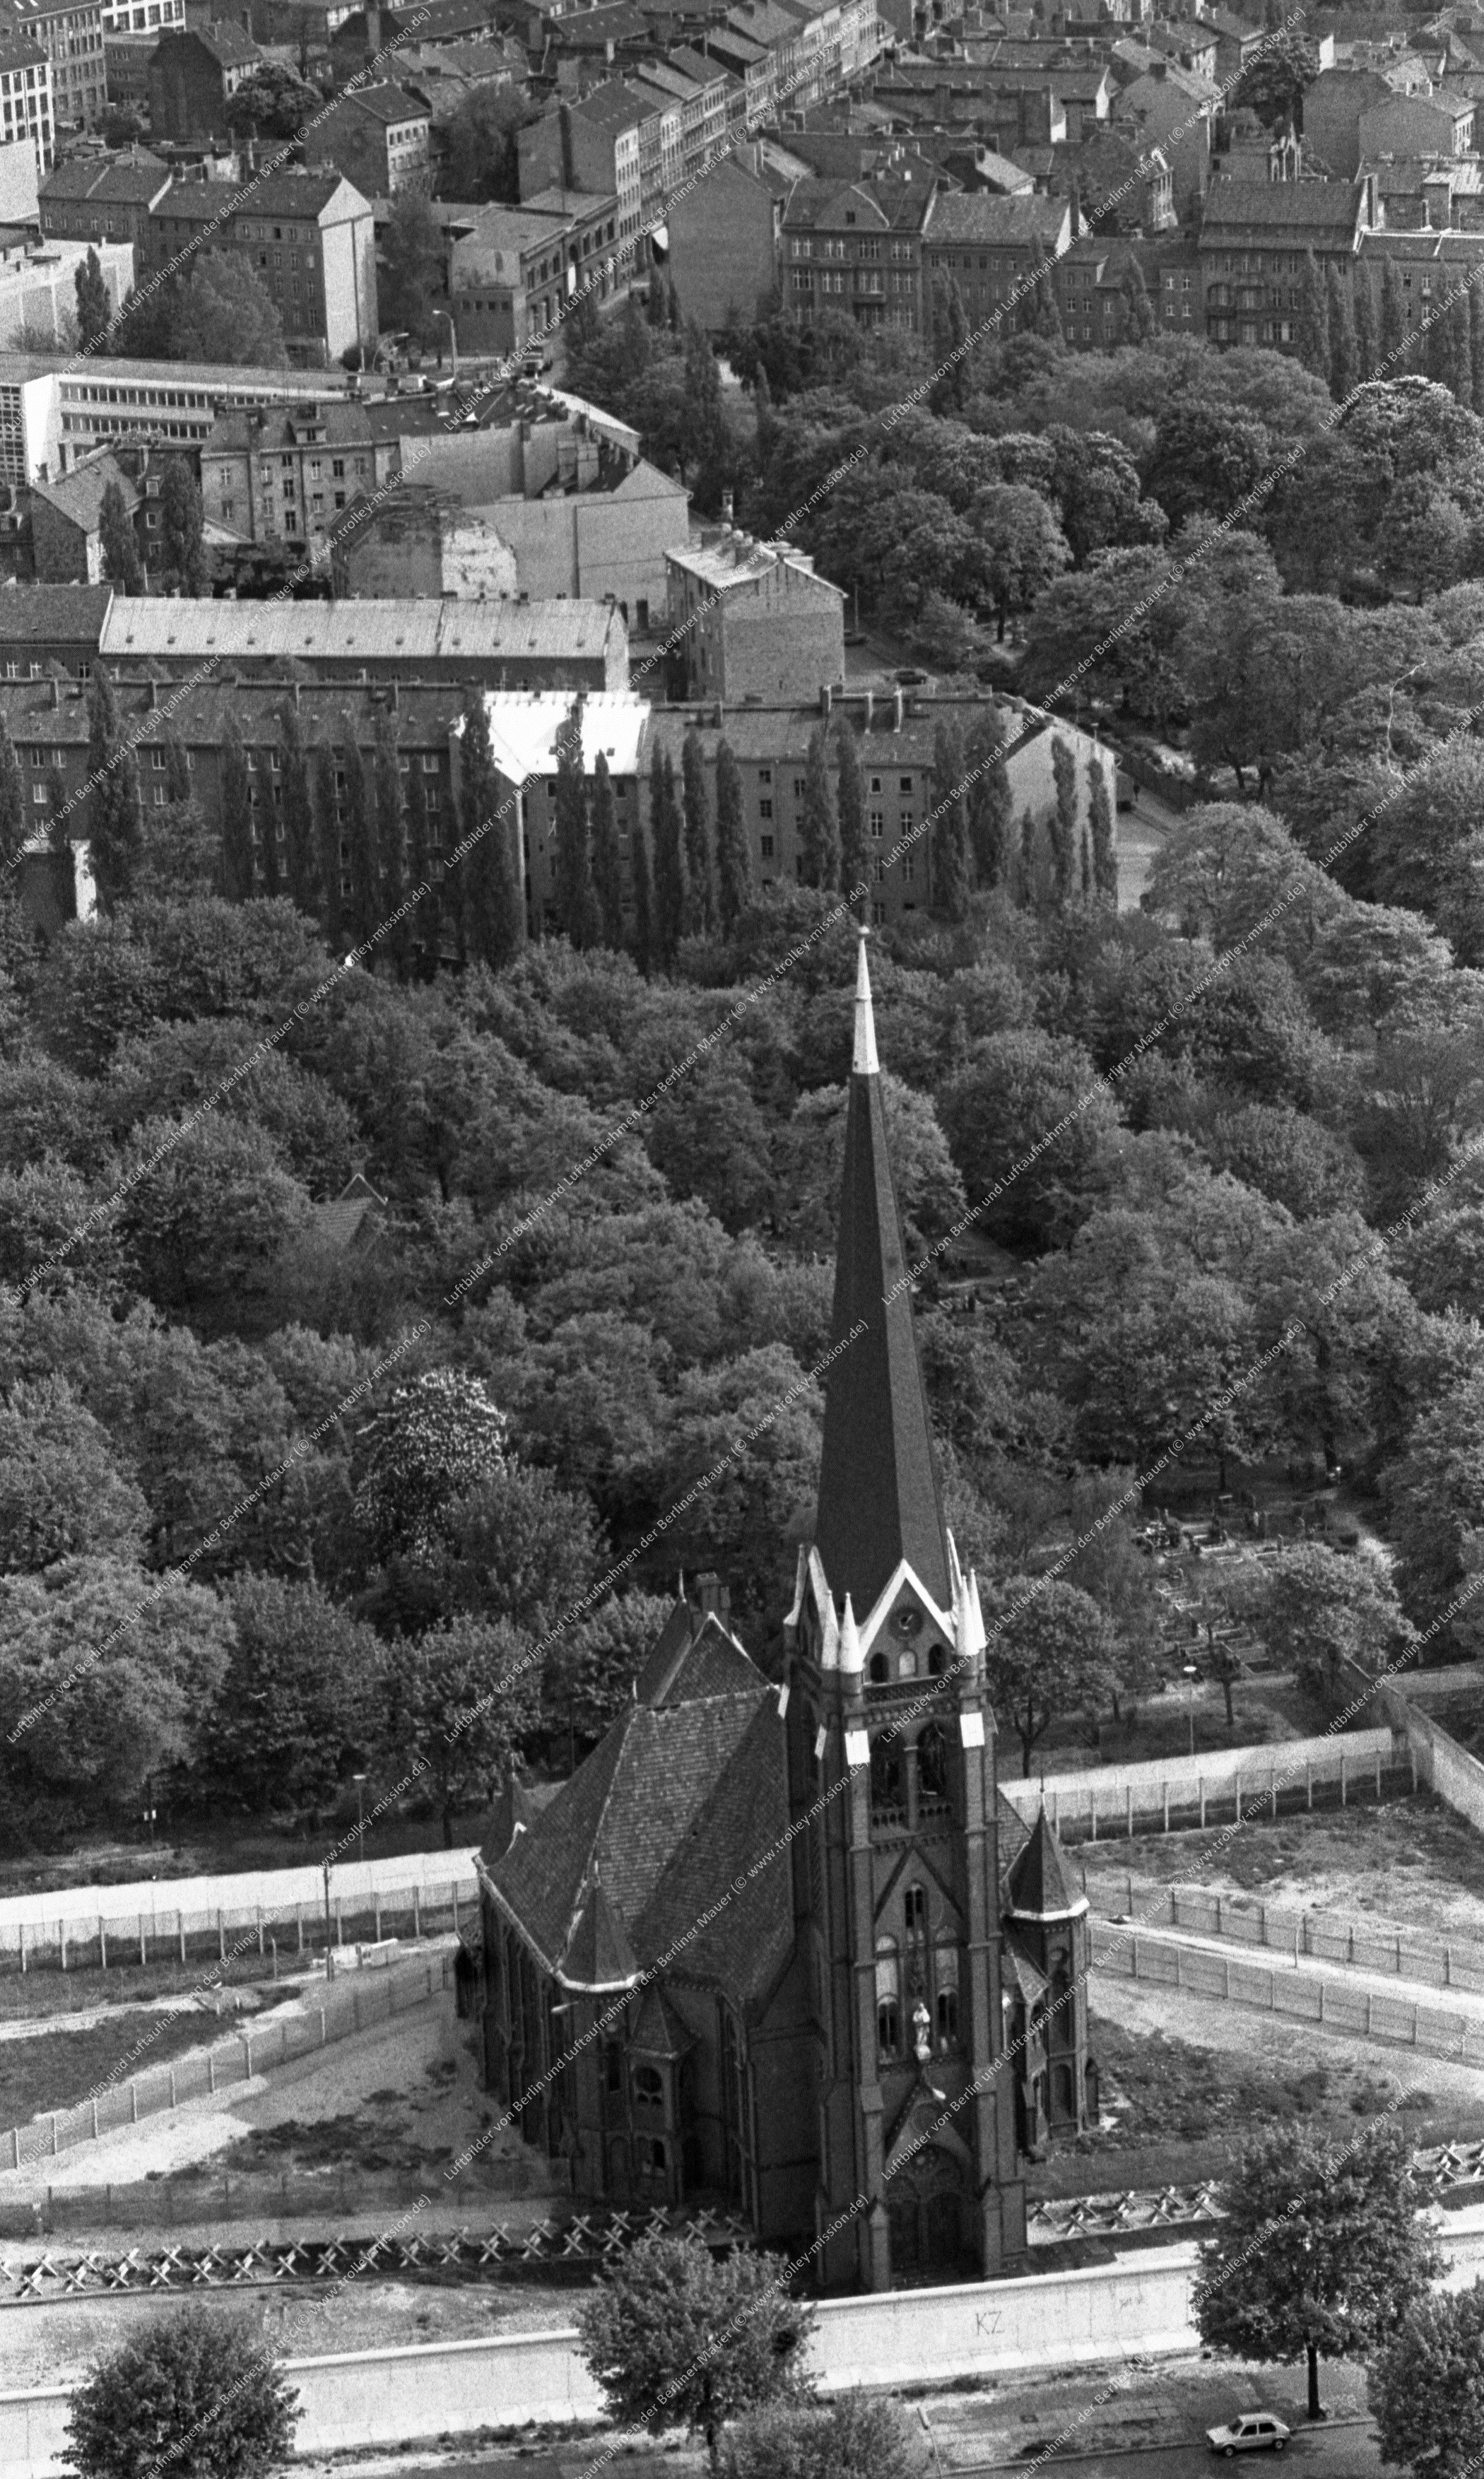 Berlin Luftaufnahme Versöhnungskirche in der Bernauer Straße vom 12. Mai 1982 (Bild 058)